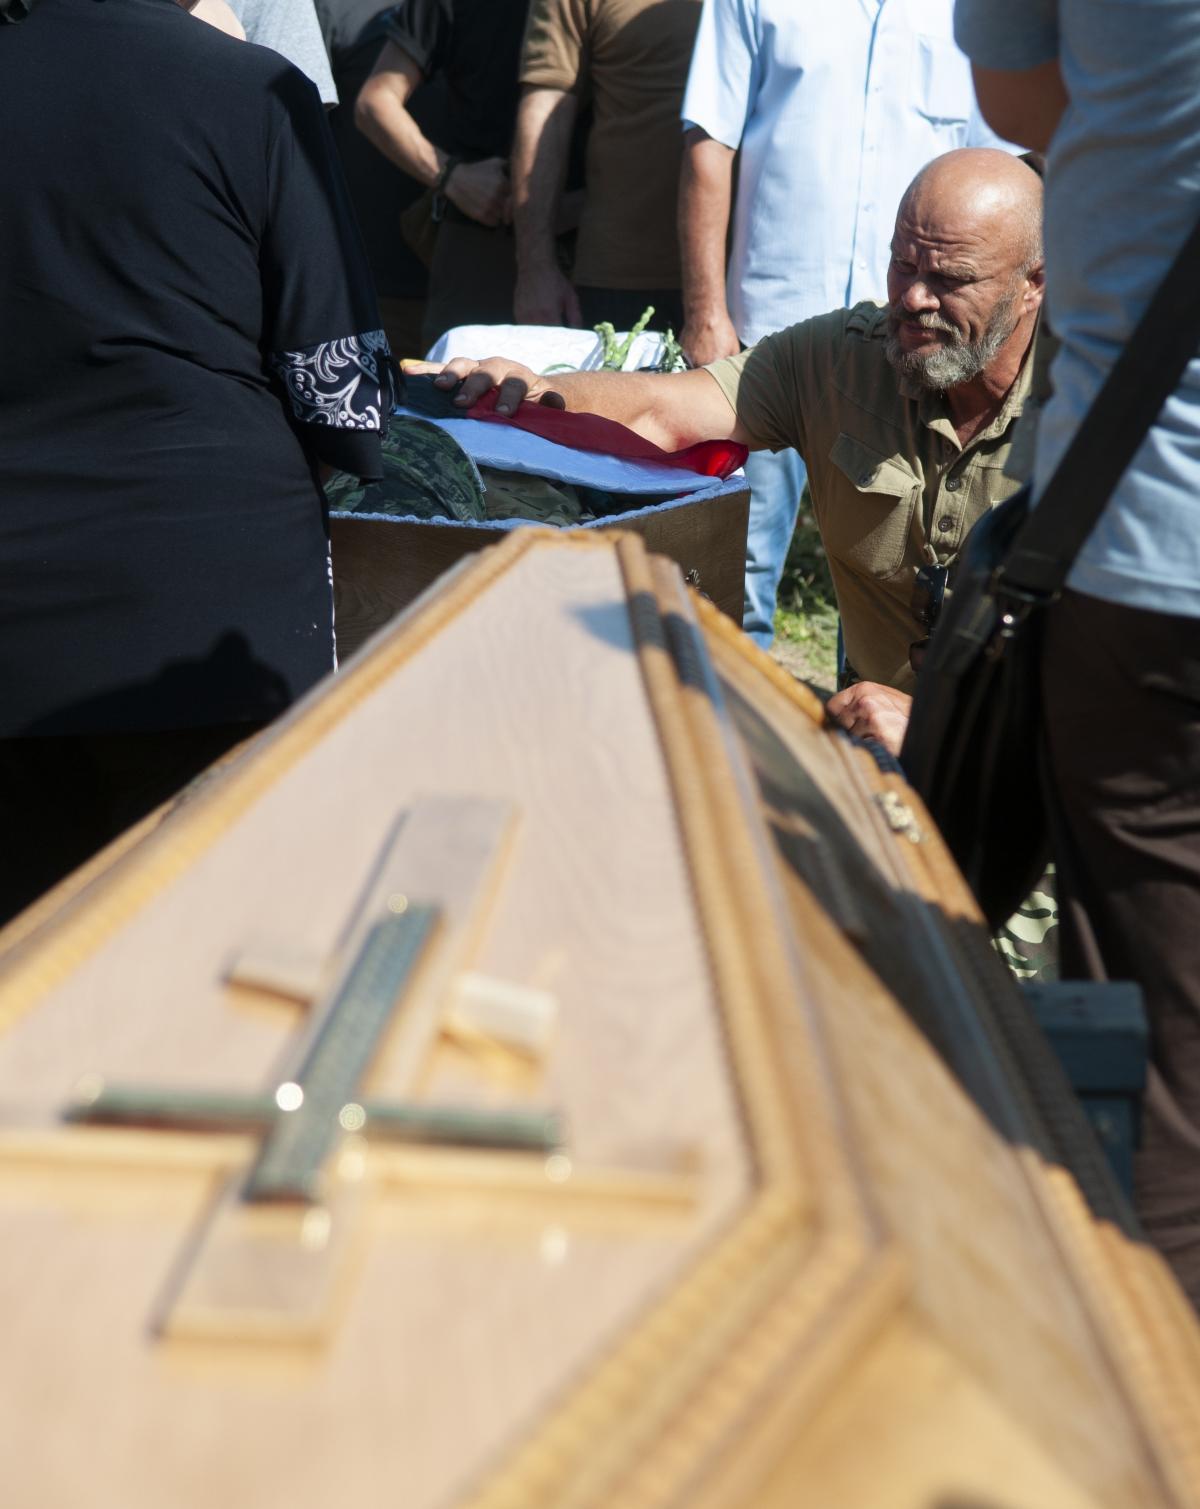 В Бердянске похоронили расстрелянного экс-бойца АТО Олешко-Сармата: фоторепортаж